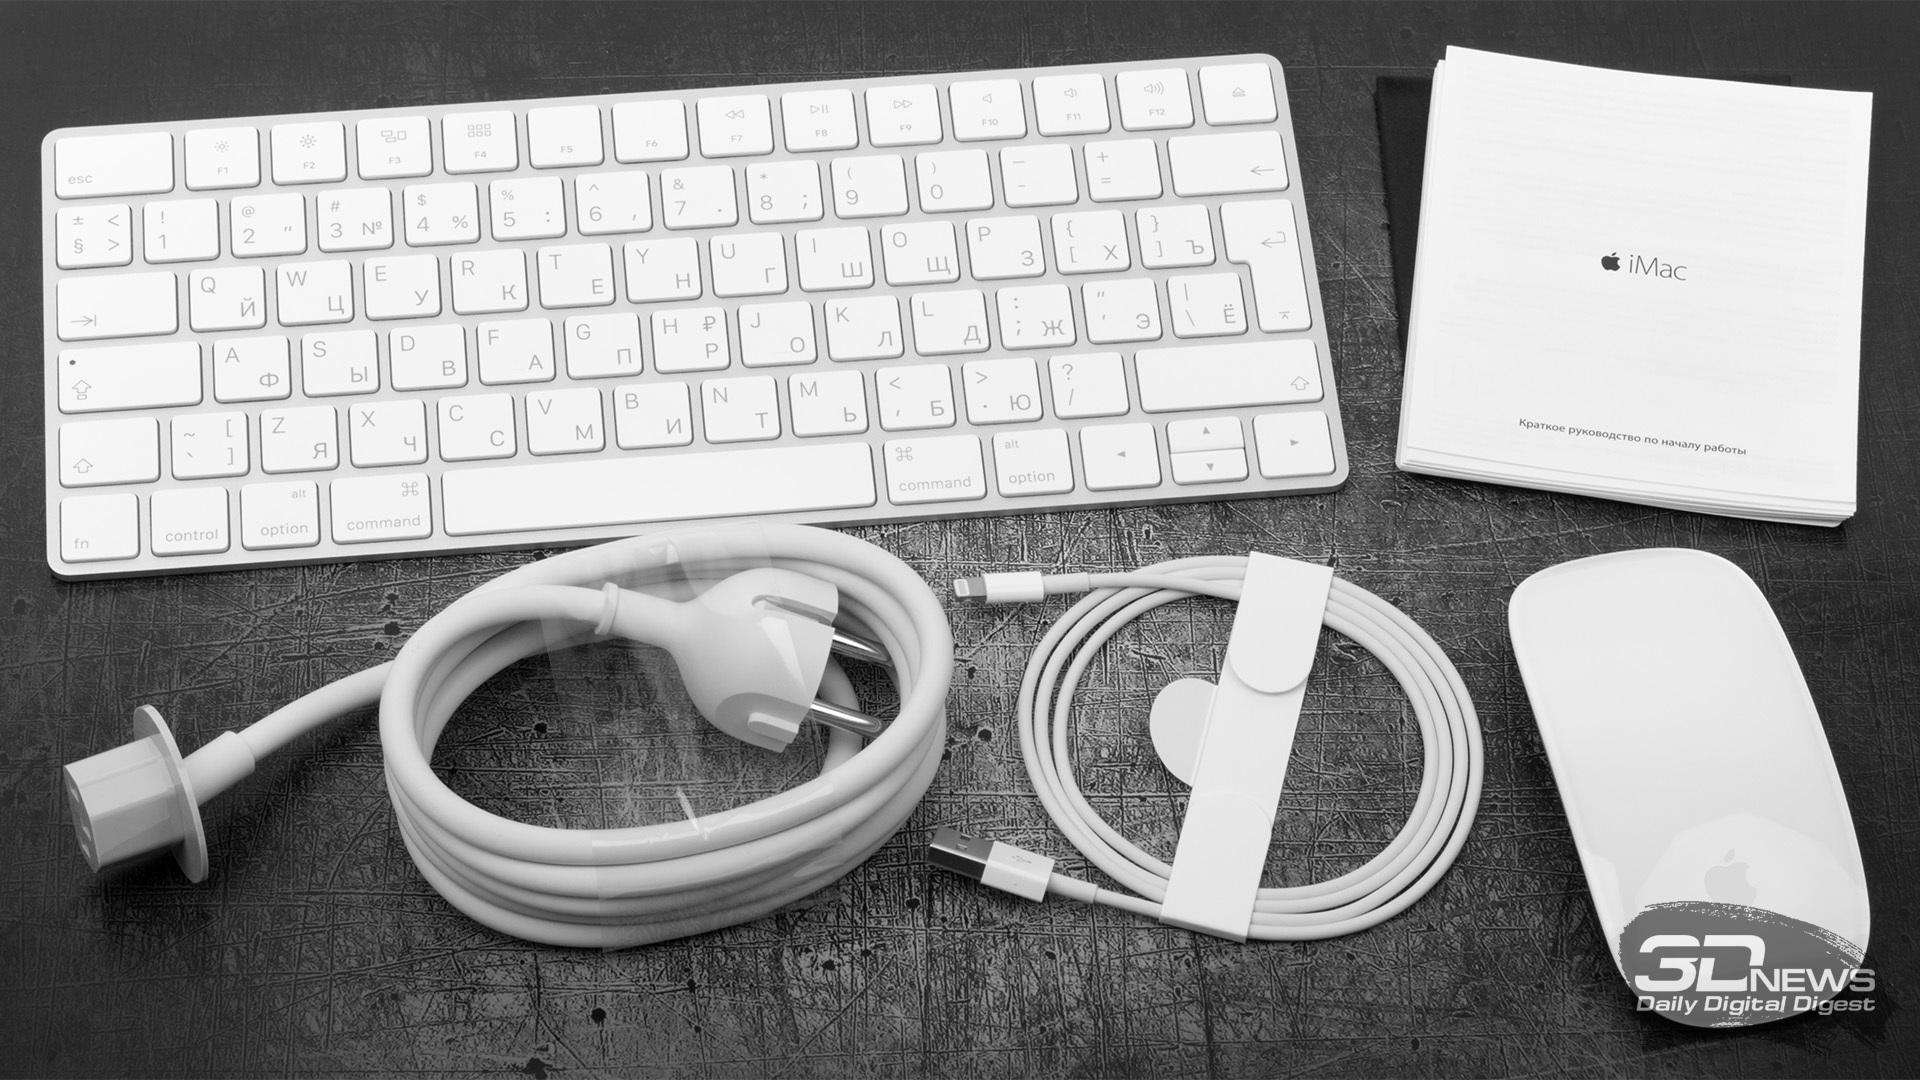 проводная клавиатура от apple инструкция